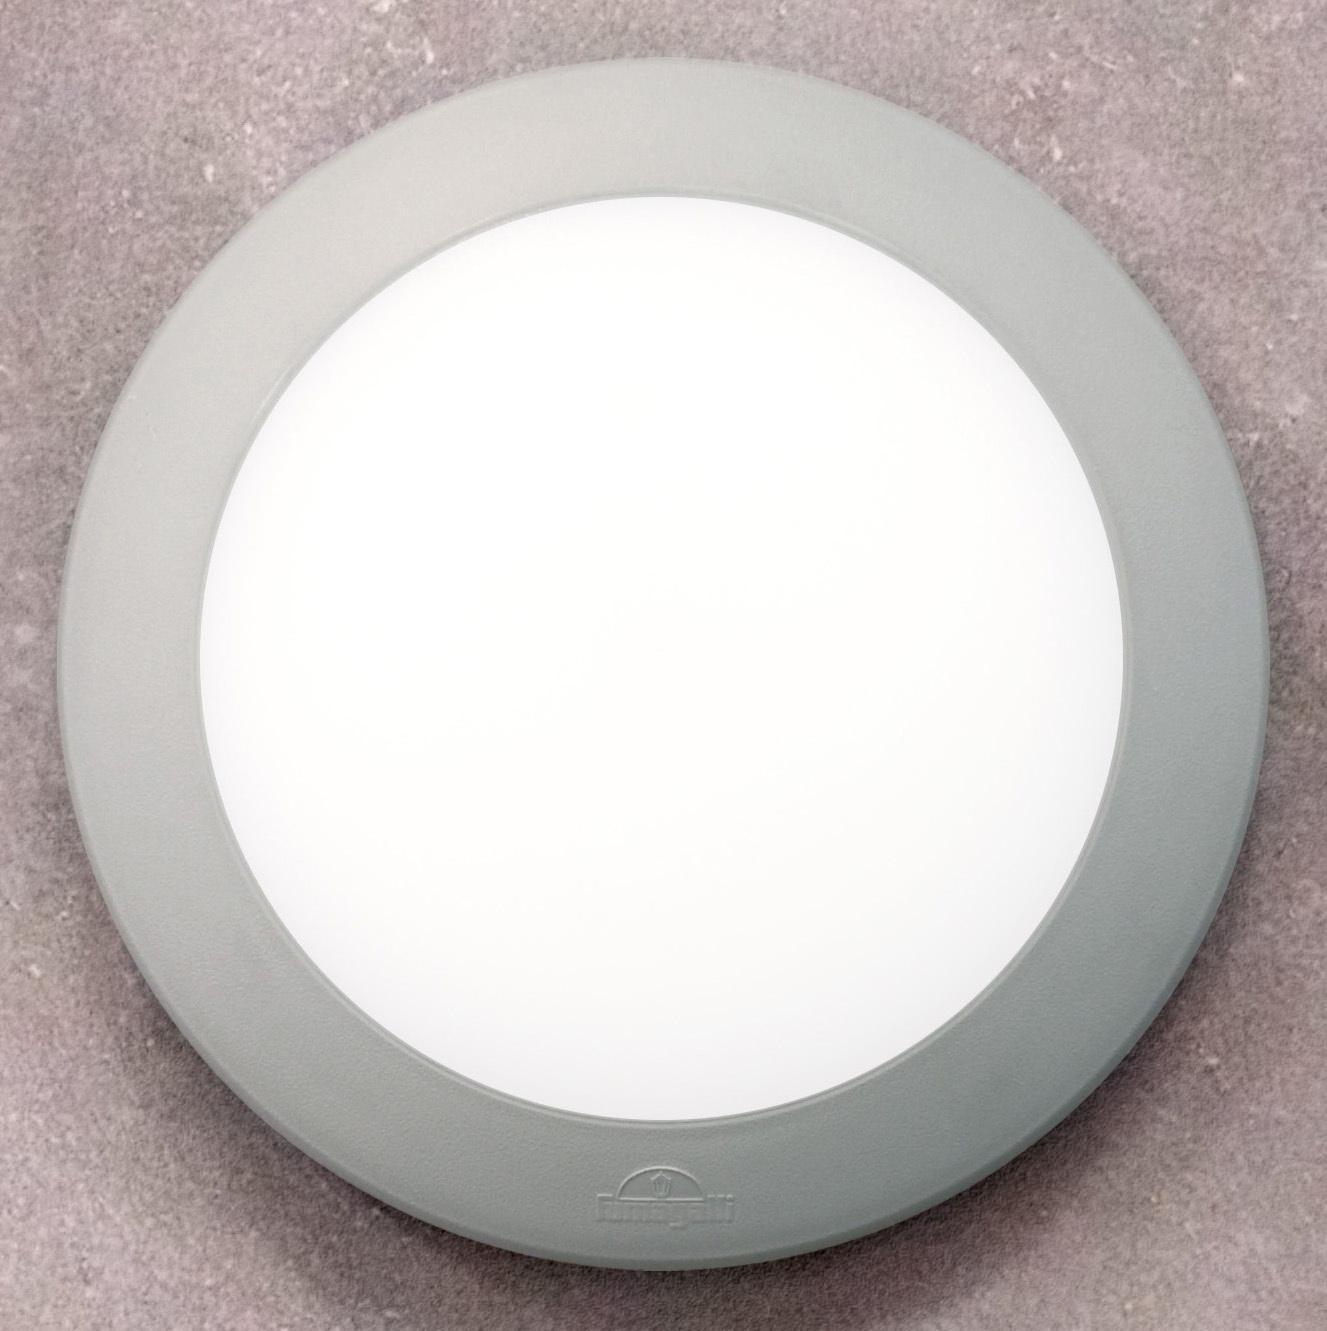 Светильник Fumagalli Berta gm, уличный, производство: Италия, серый матовый